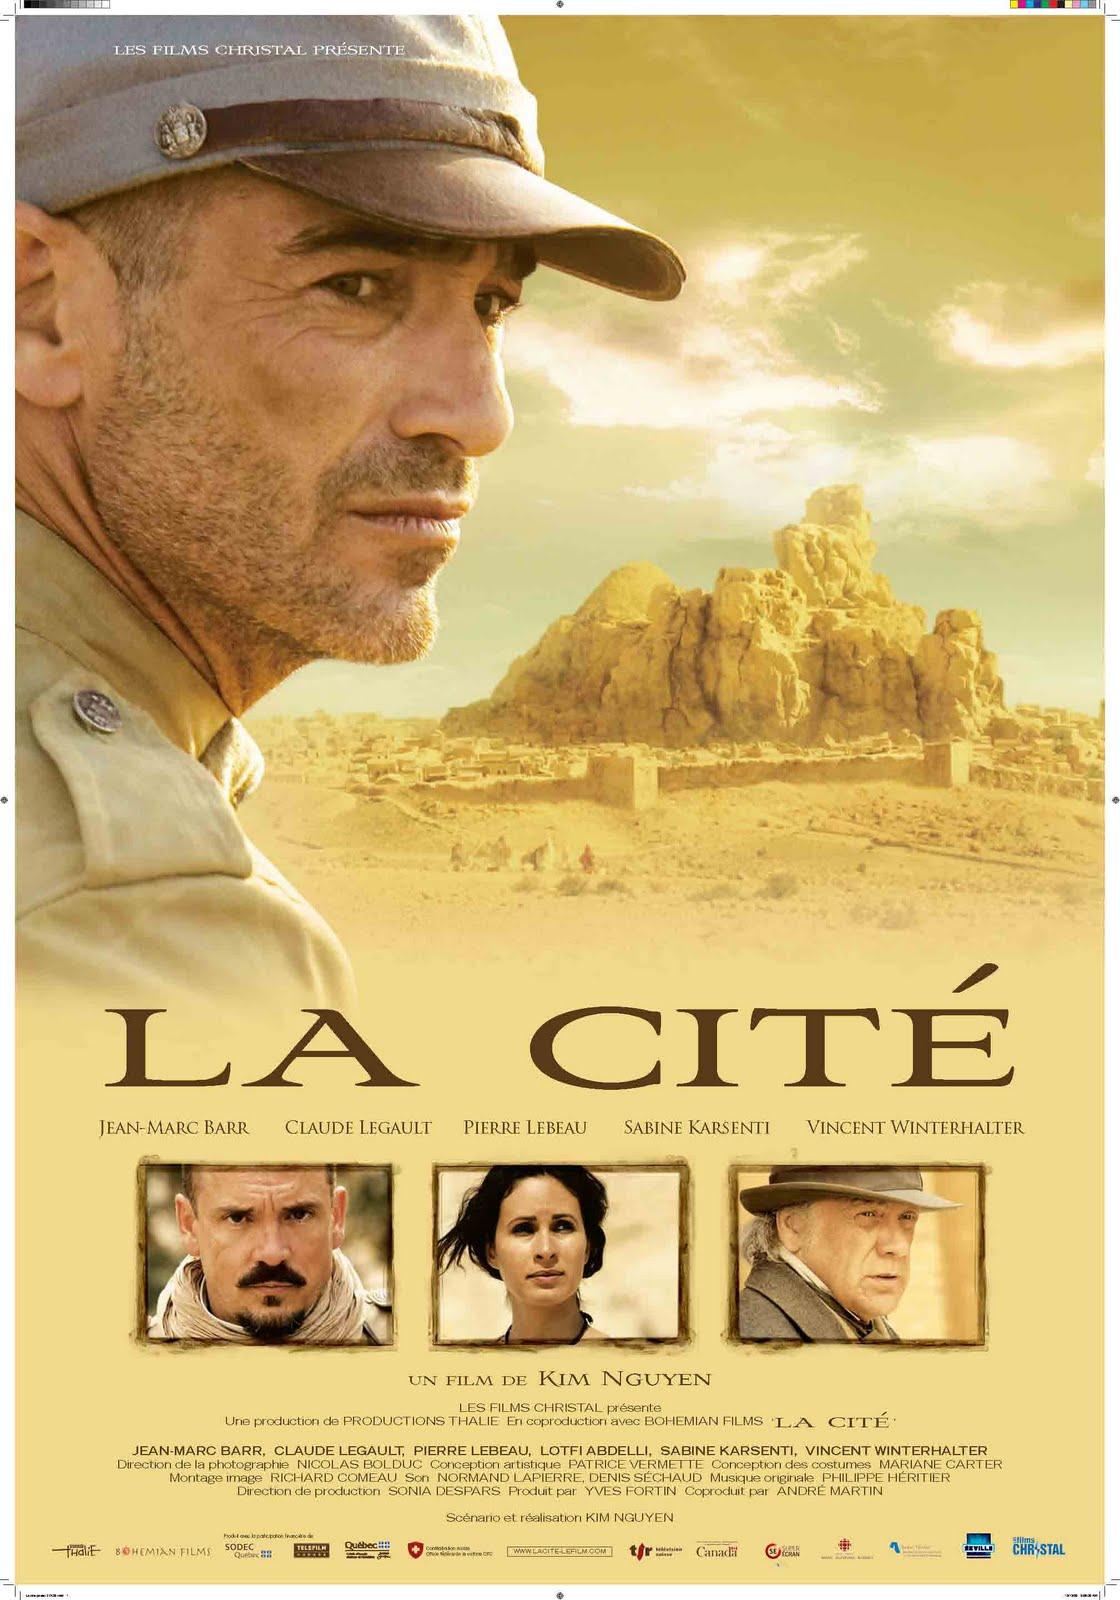 affiche du film La cité